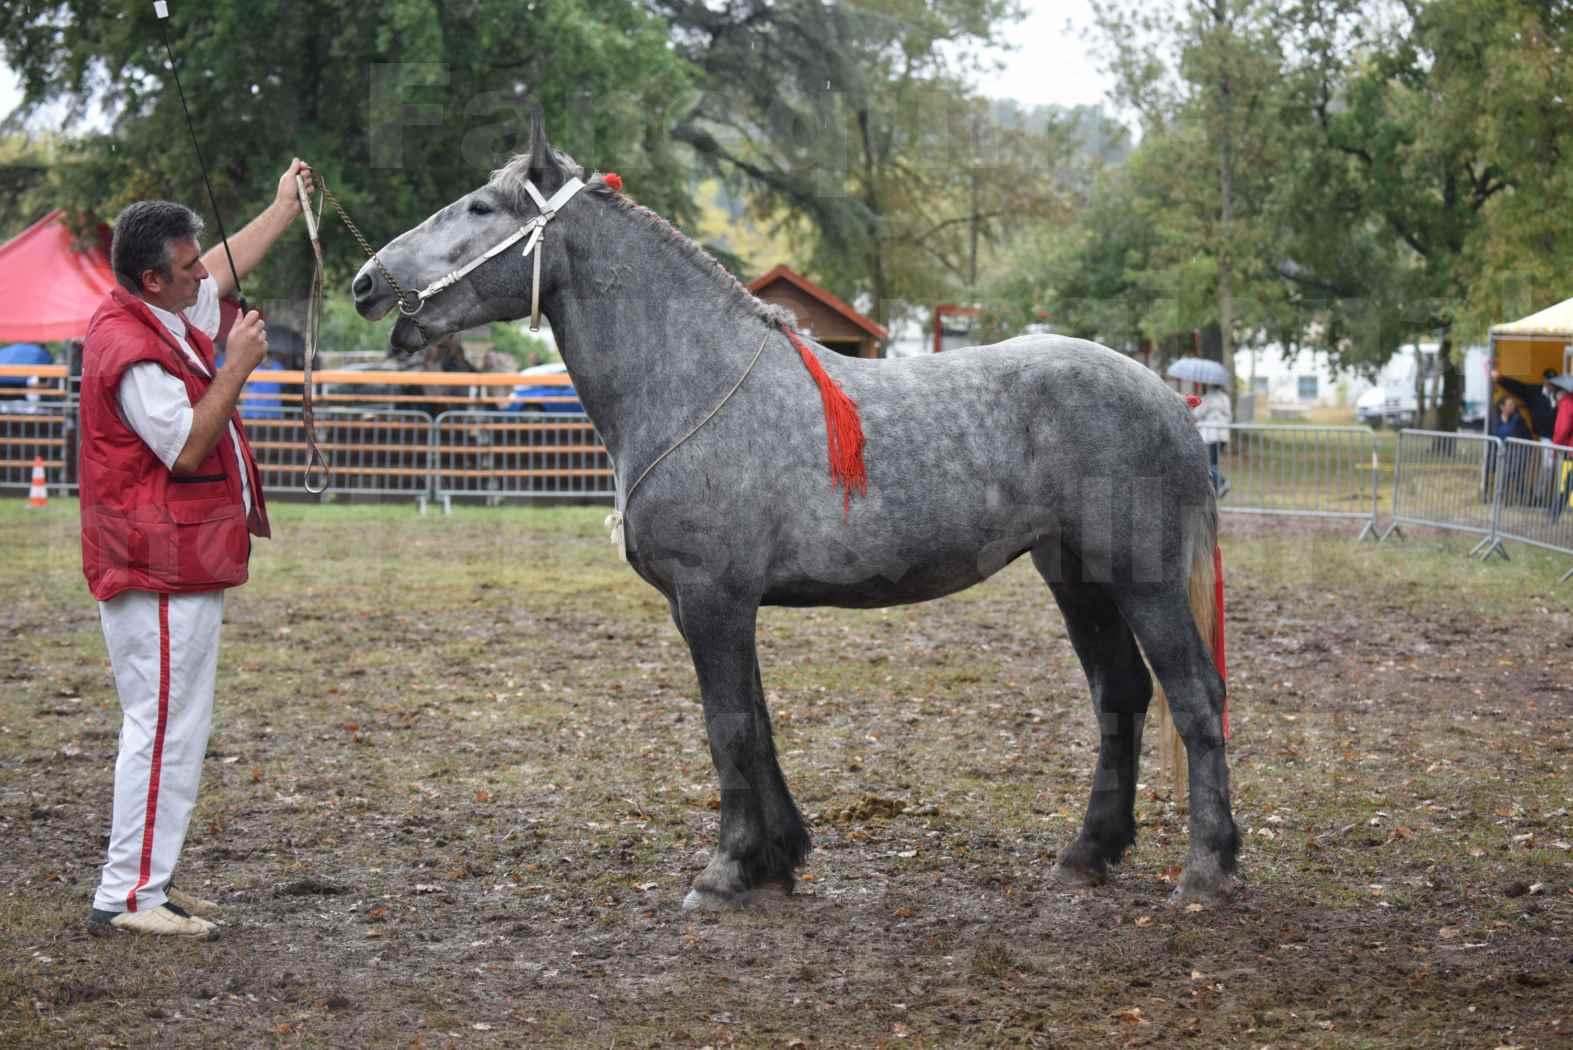 Concours Régional de chevaux de traits en 2017 - Pouliche Trait PERCHERON - FANY DES COUSTAUSSES - 4